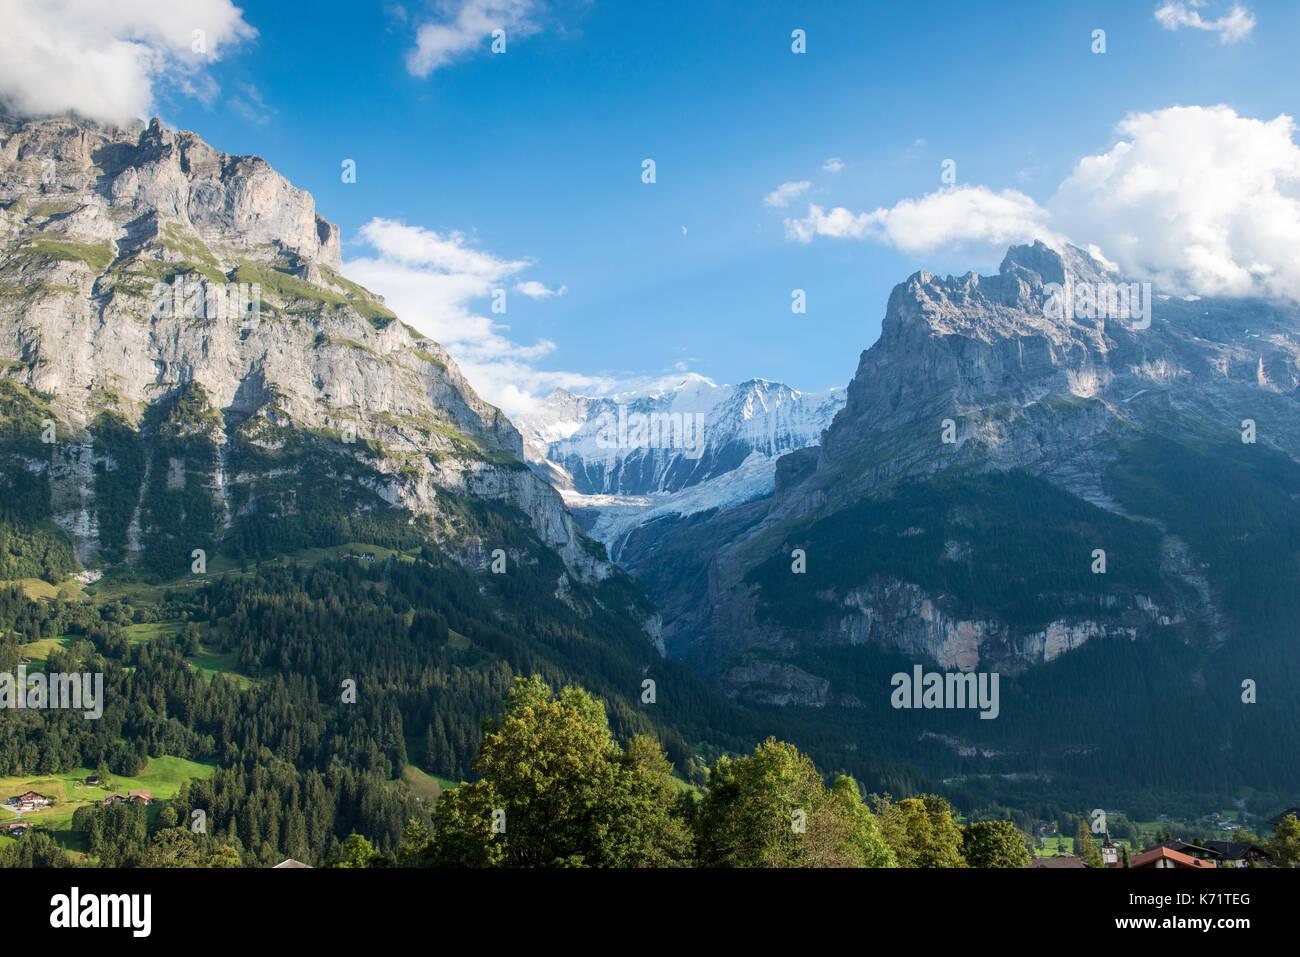 Voir dans la vallée d'untere grindelwald gletscher (glacier), Grindelwald, Suisse Photo Stock